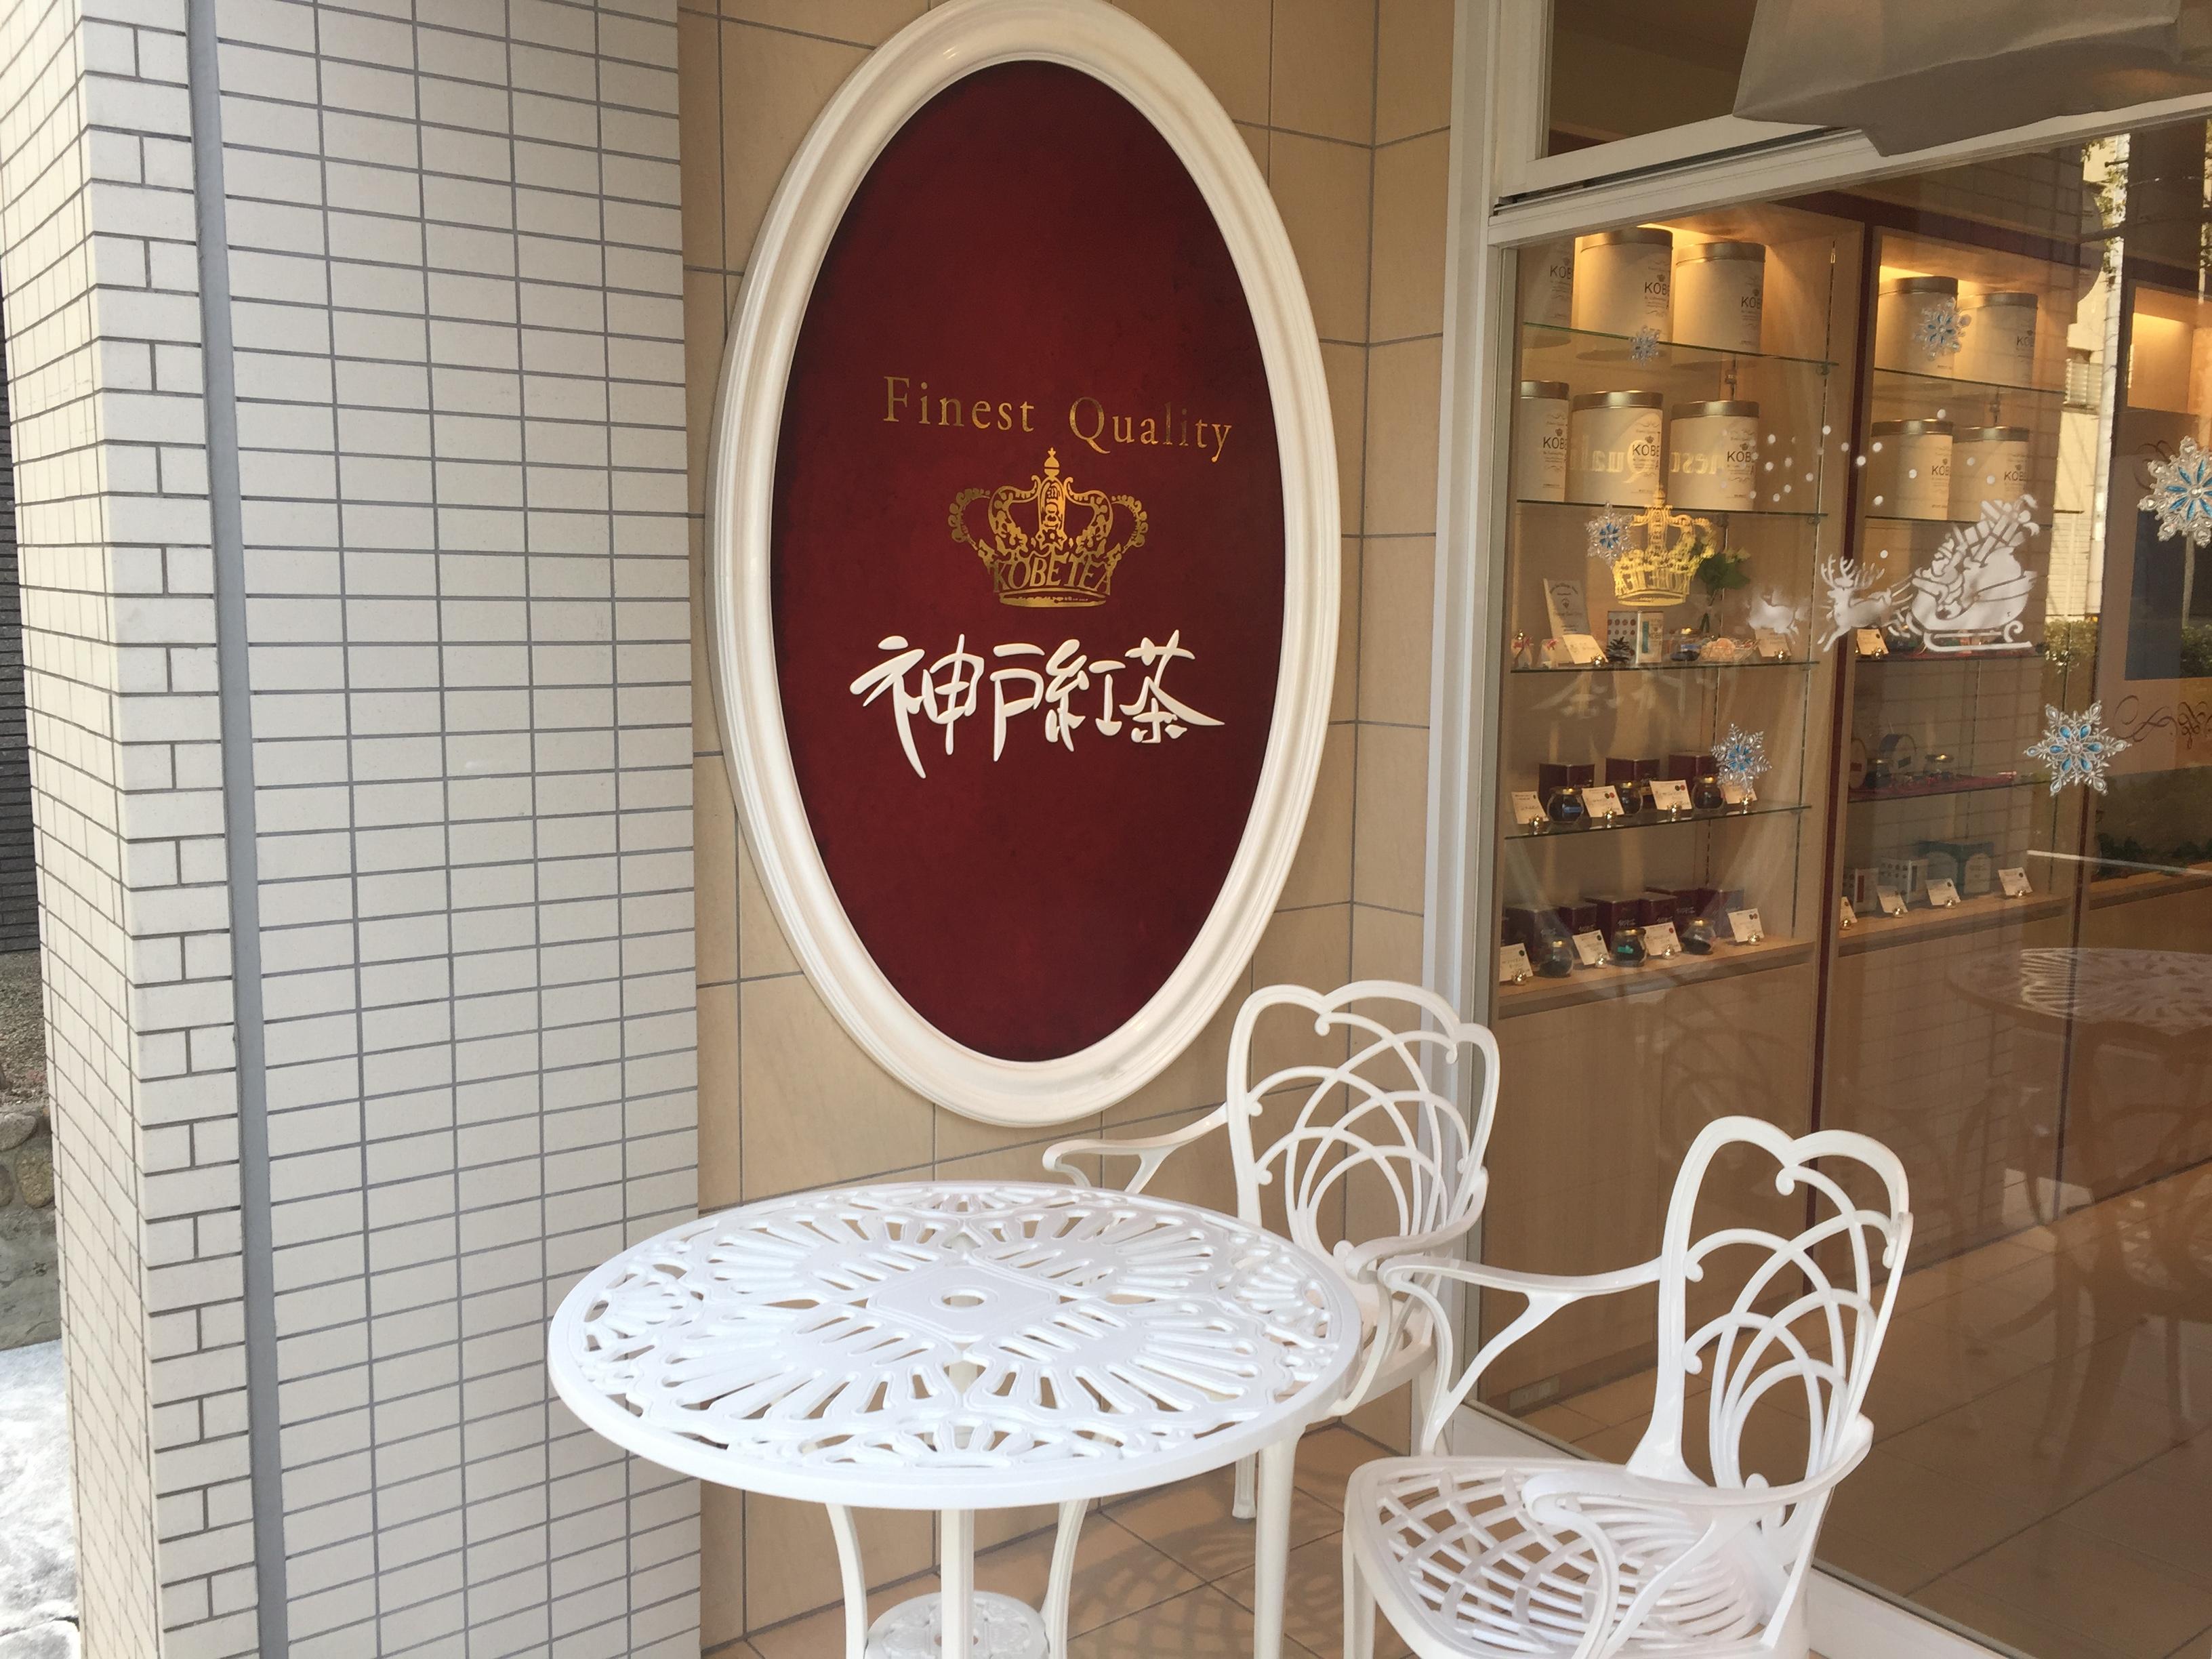 「神戸紅茶 御影店」で感動の品揃えと写真付カフェレポート【ひがしなだスイーツめぐり対象】